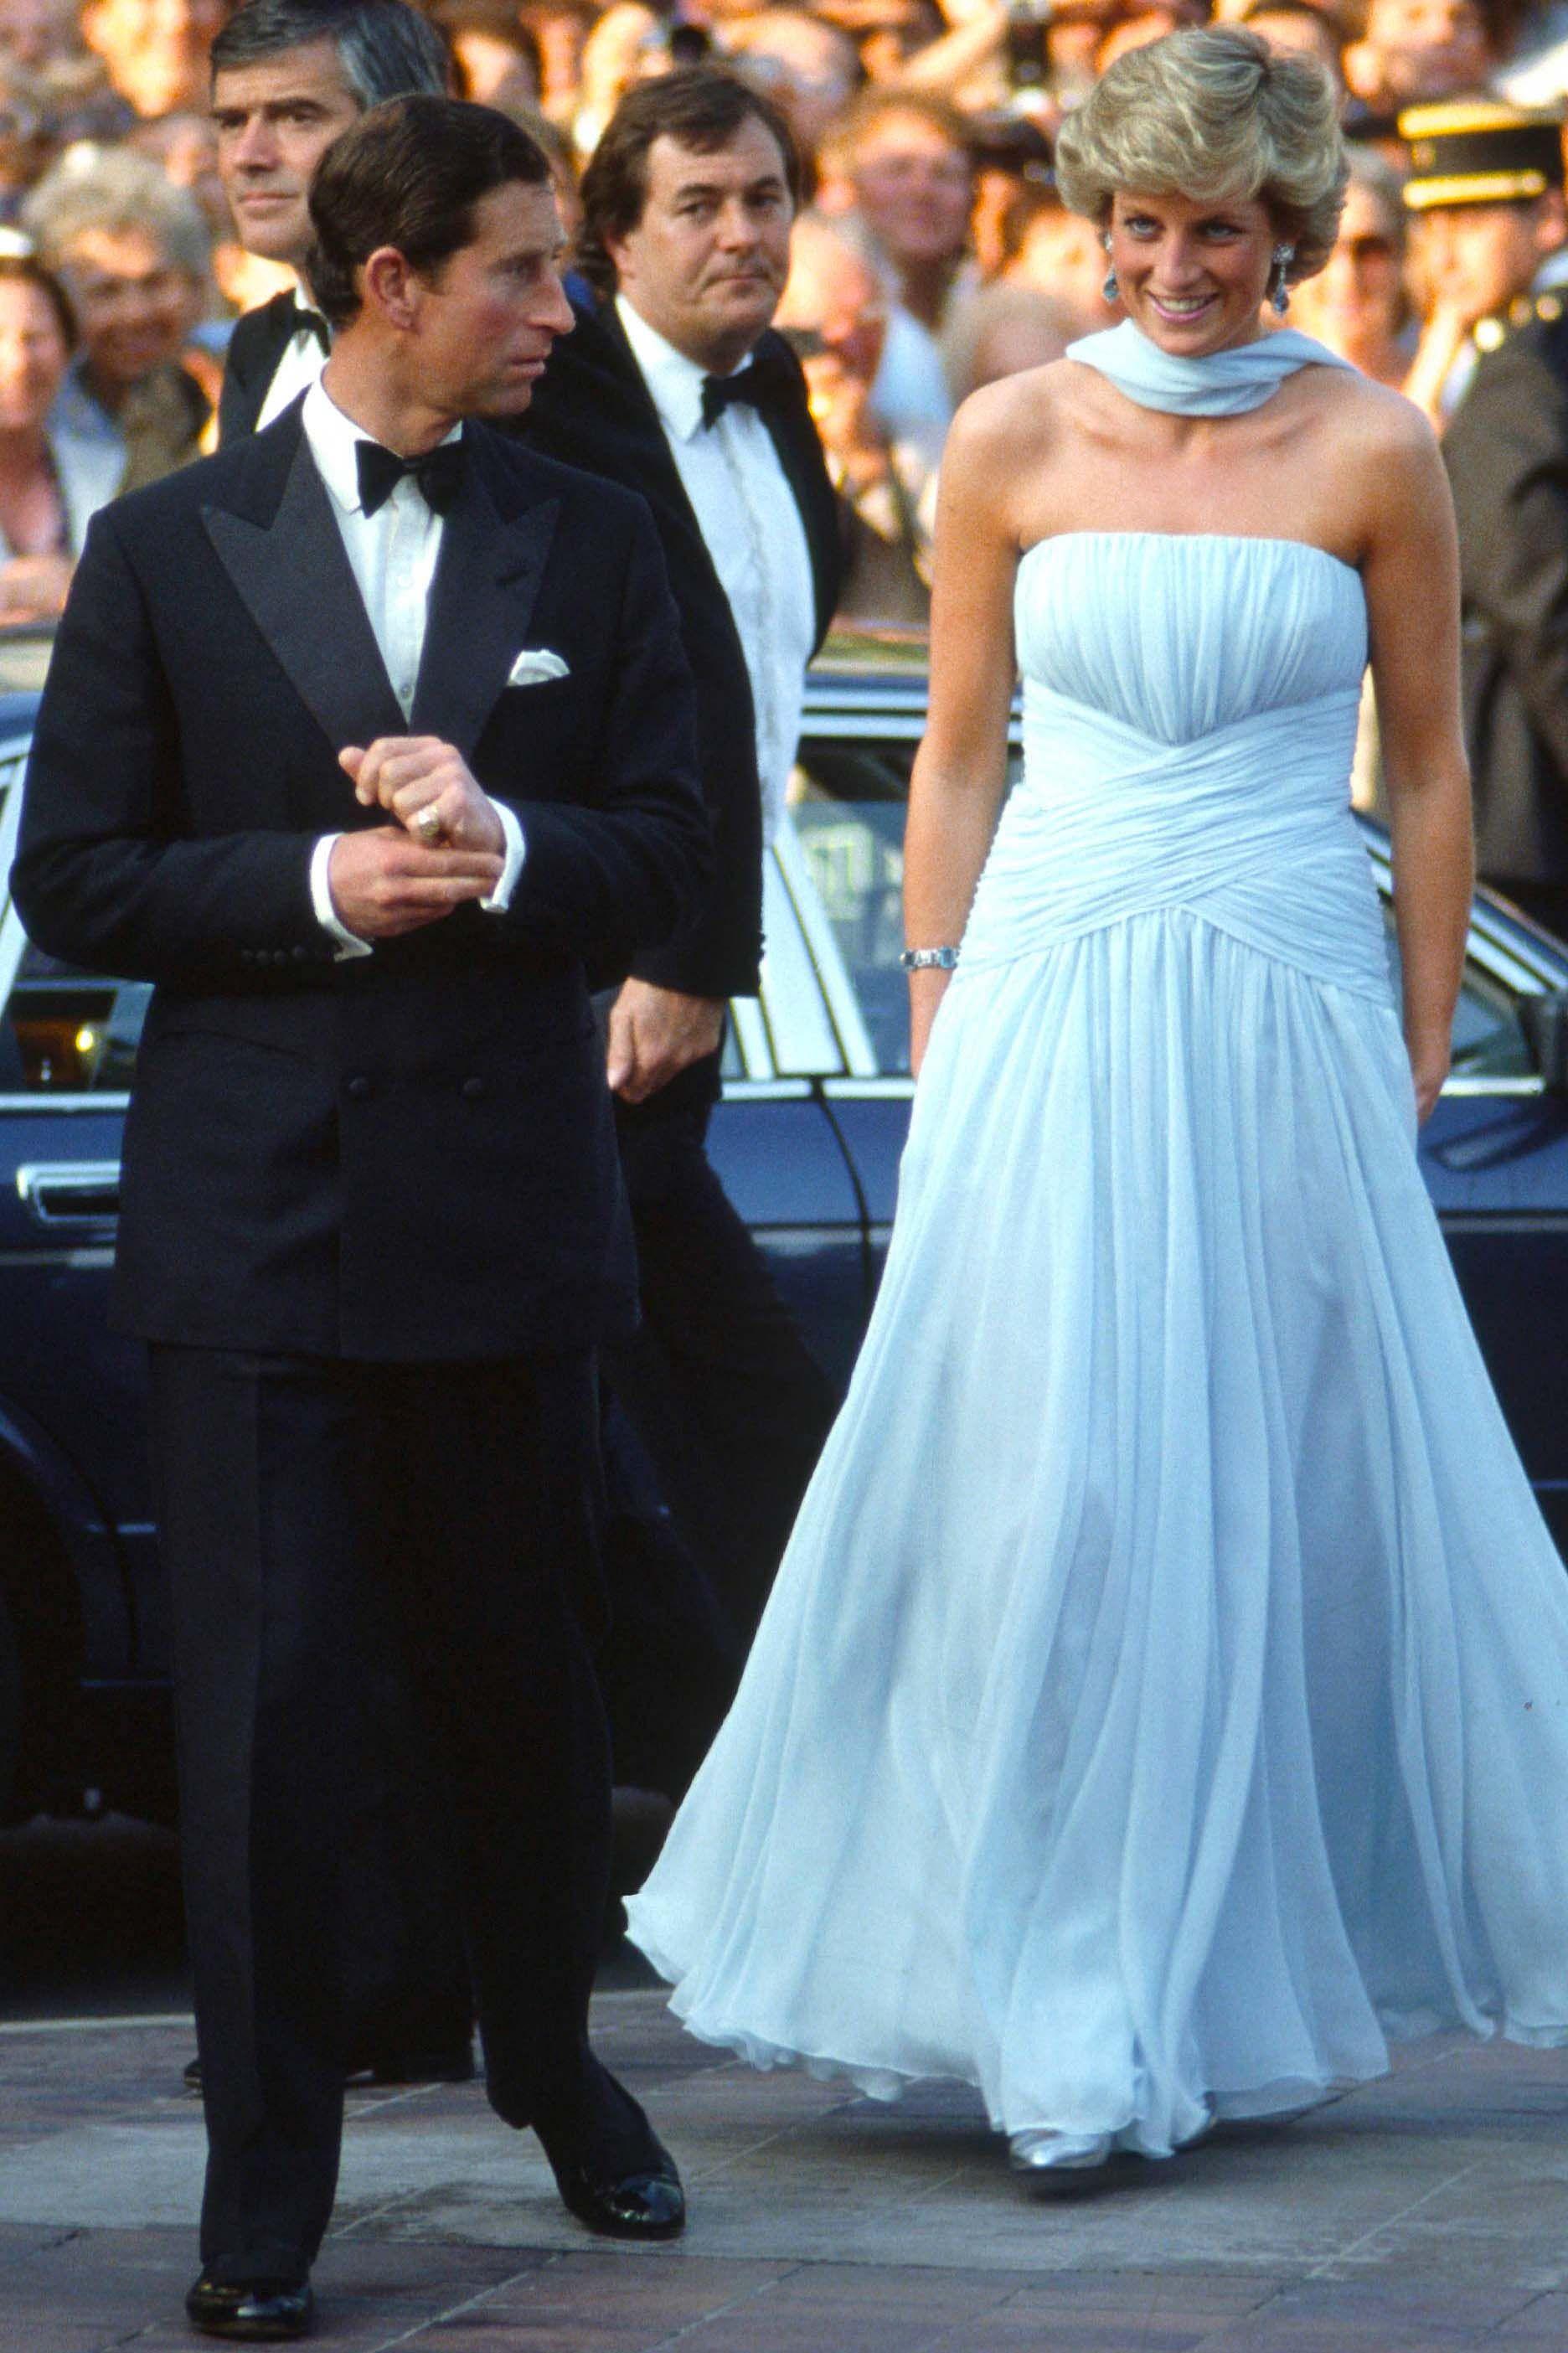 Prince Charles Style - Prince Charles Royal Wedding Fashion